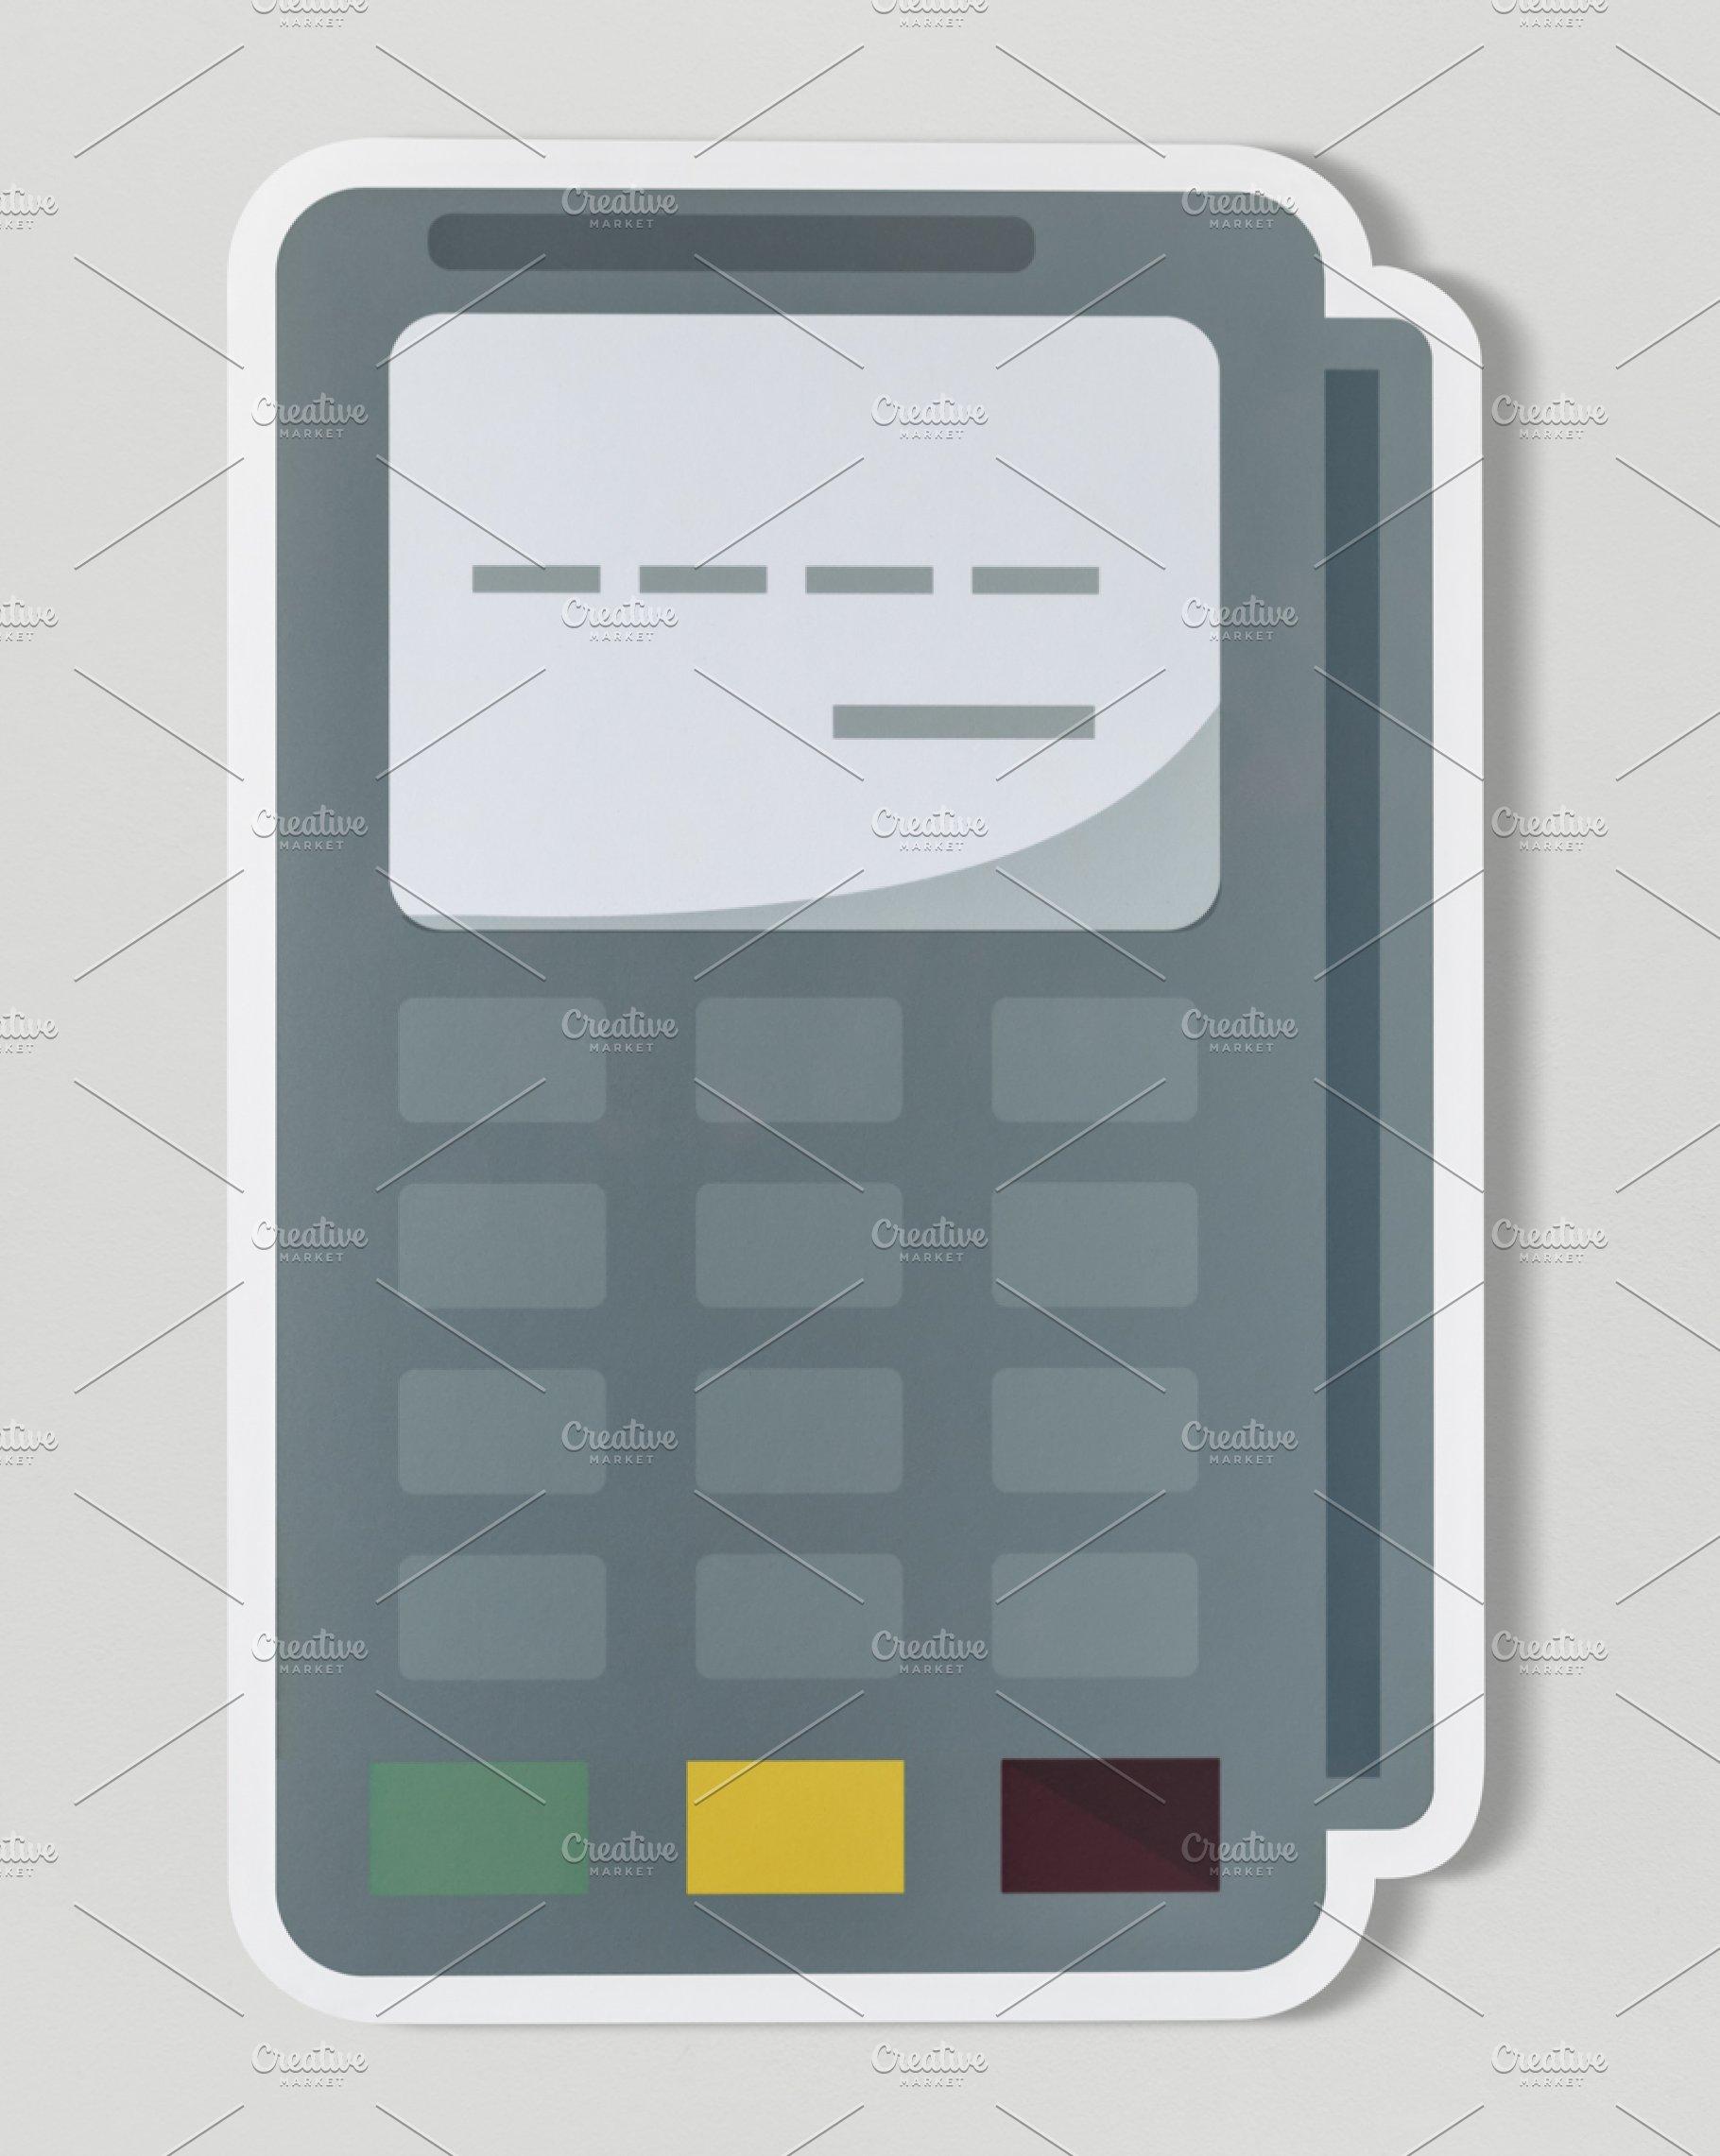 Credit card terminal cut out (PSD)